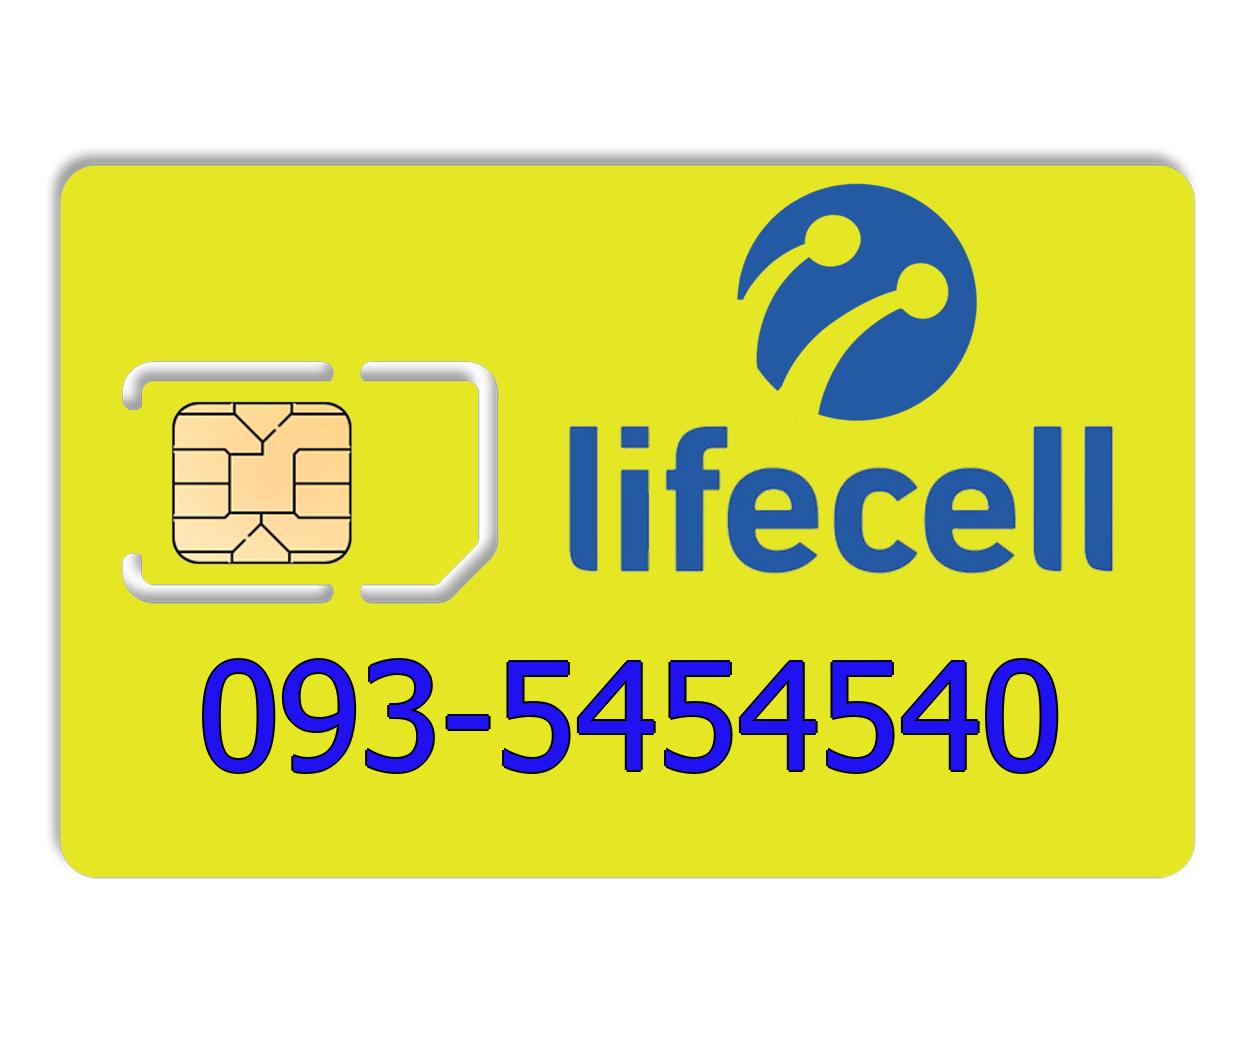 Красивый номер lifecell 093-5454540